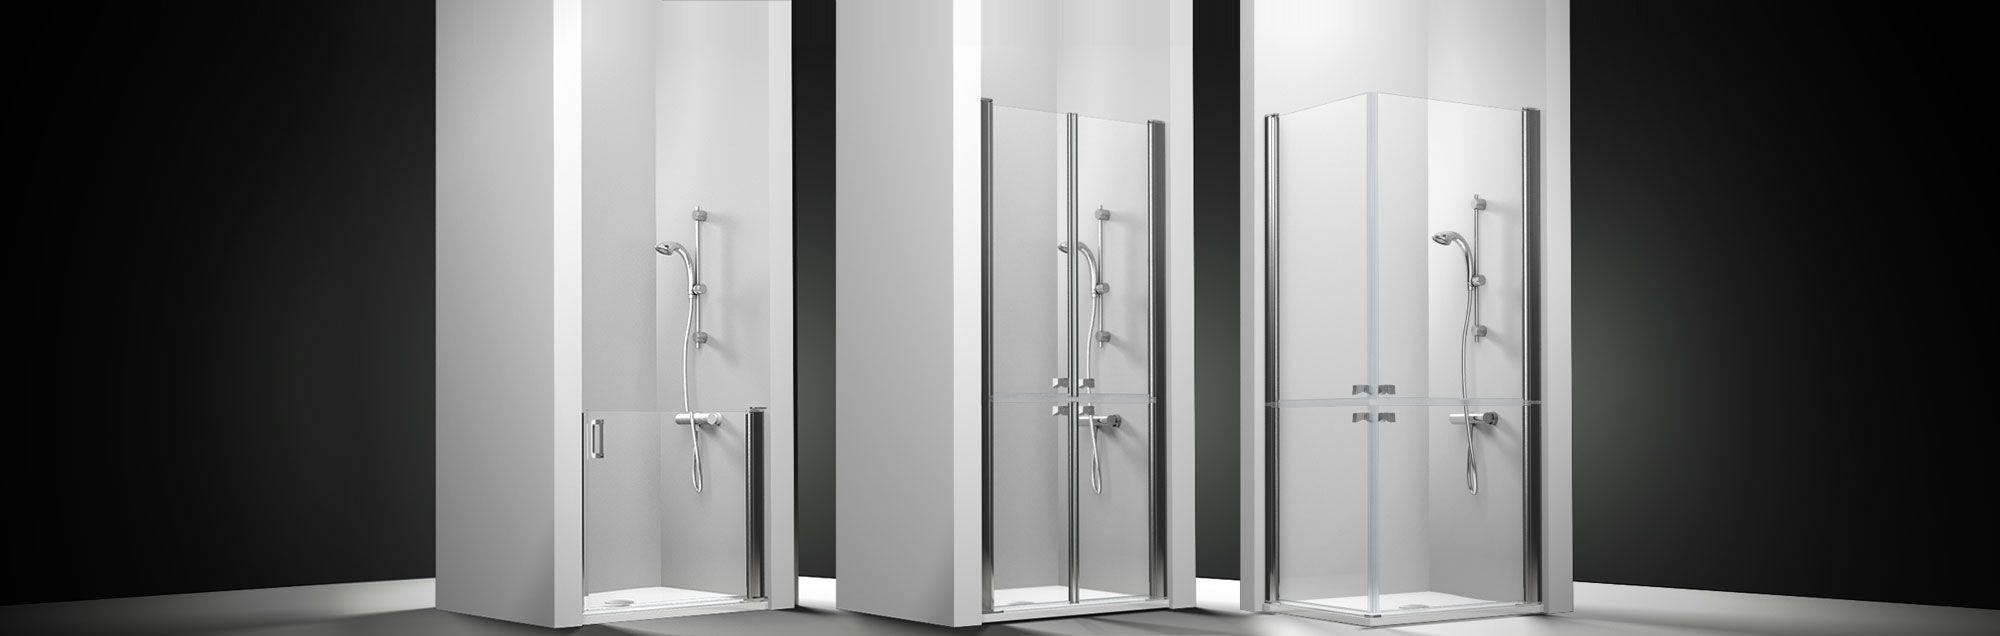 Mamparas pmr asistencial de baño a medida PROFILTEK